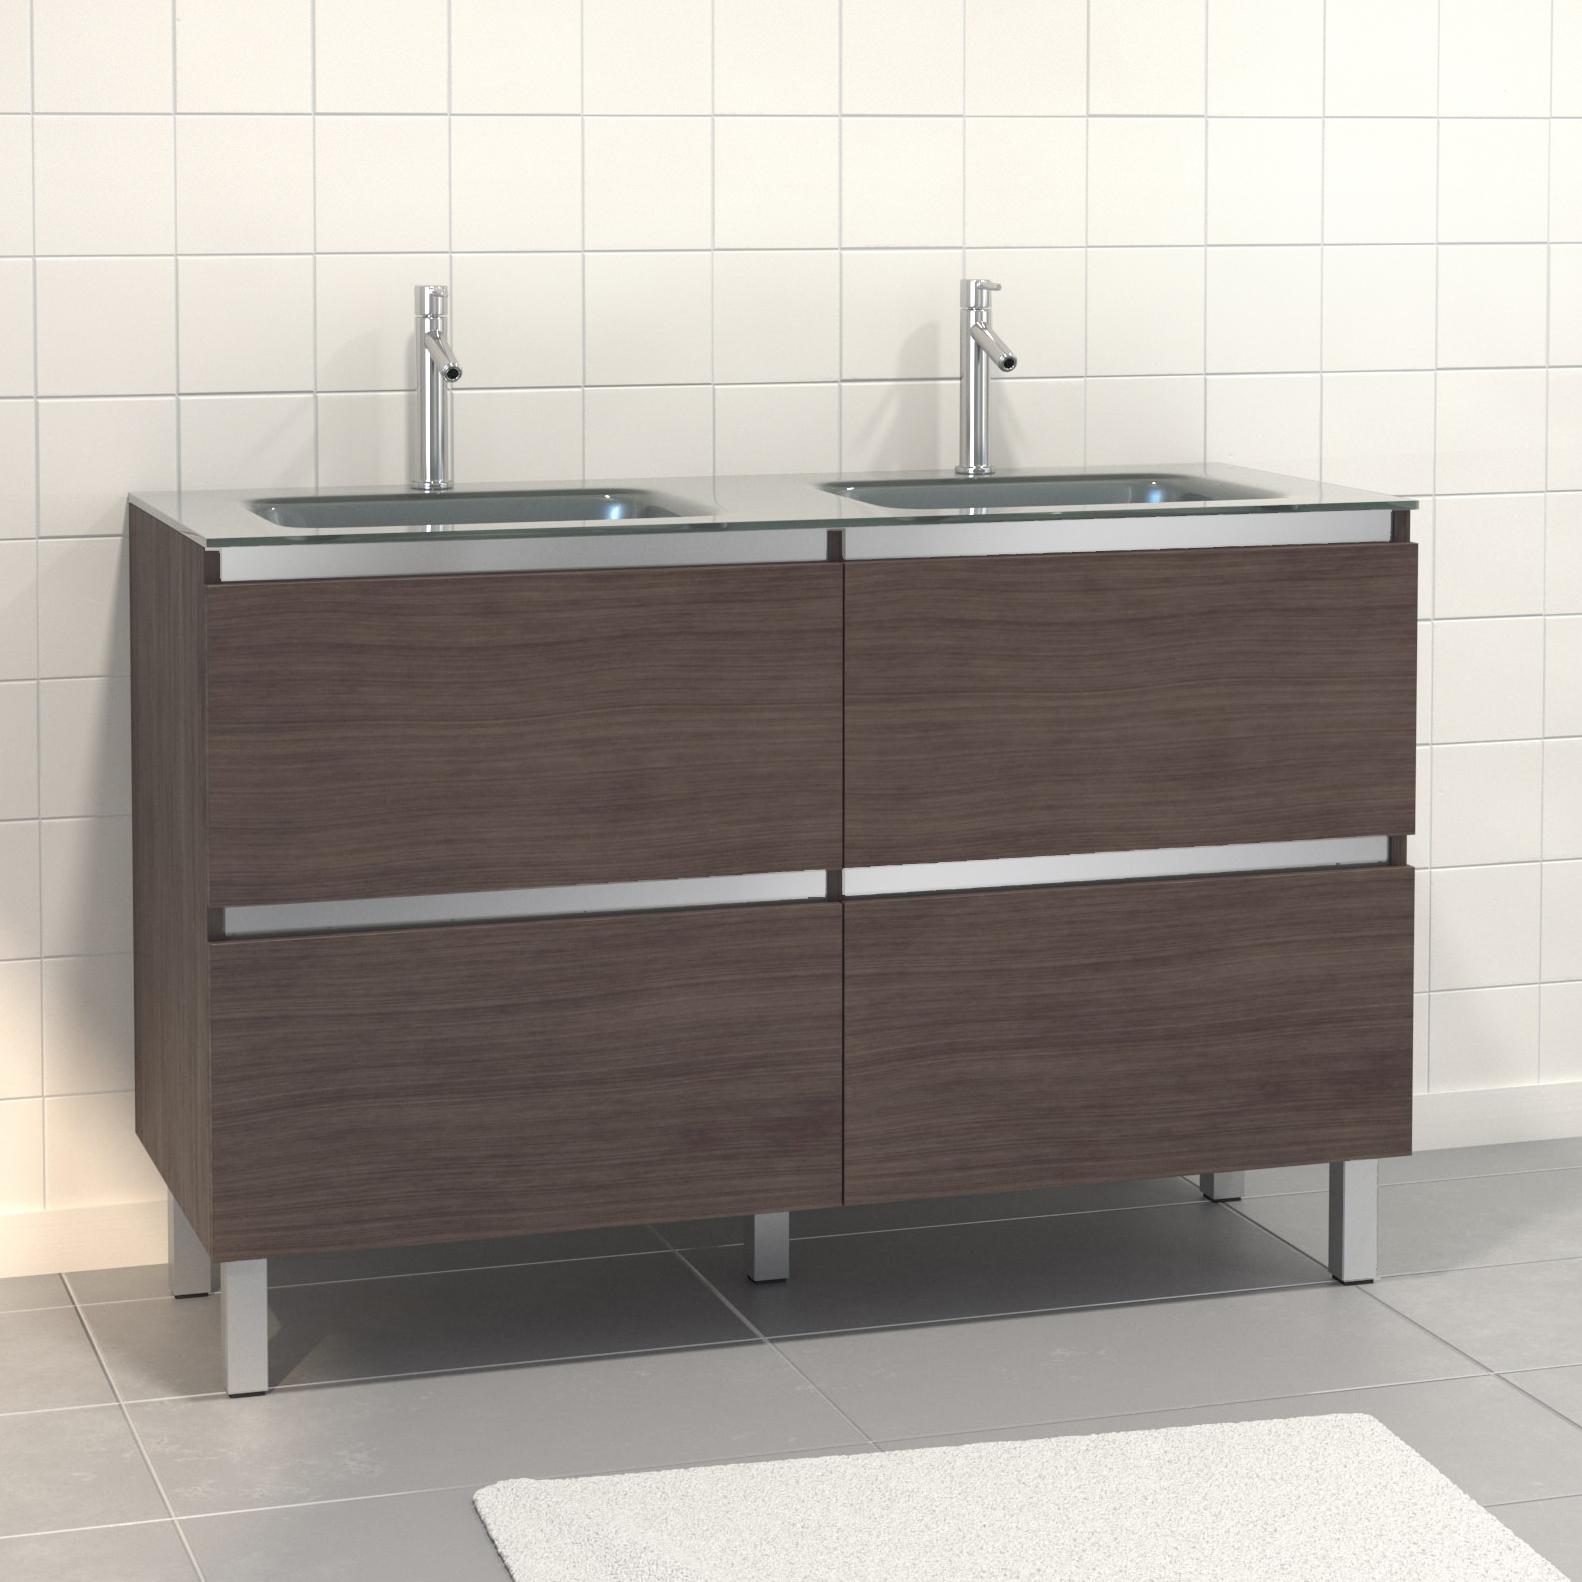 Pack Meuble de salle de bain 130x50 cm finition Graphite + vasque en Argent